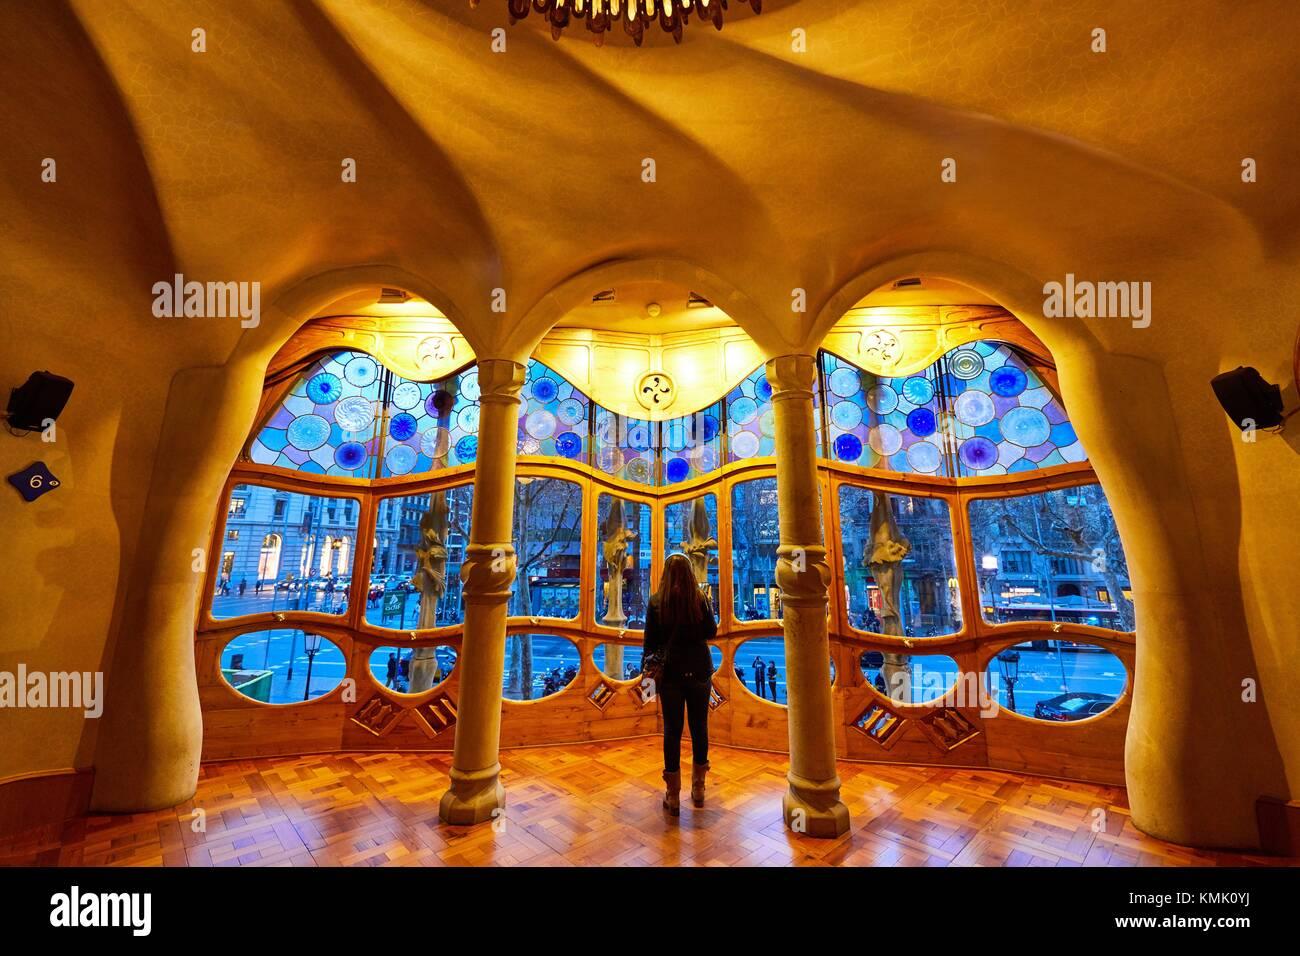 Casa Batlló di Antoni Gaudí architetto 1904-1906, Passeig de Gracia, Barcellona, in Catalogna, Spagna Immagini Stock